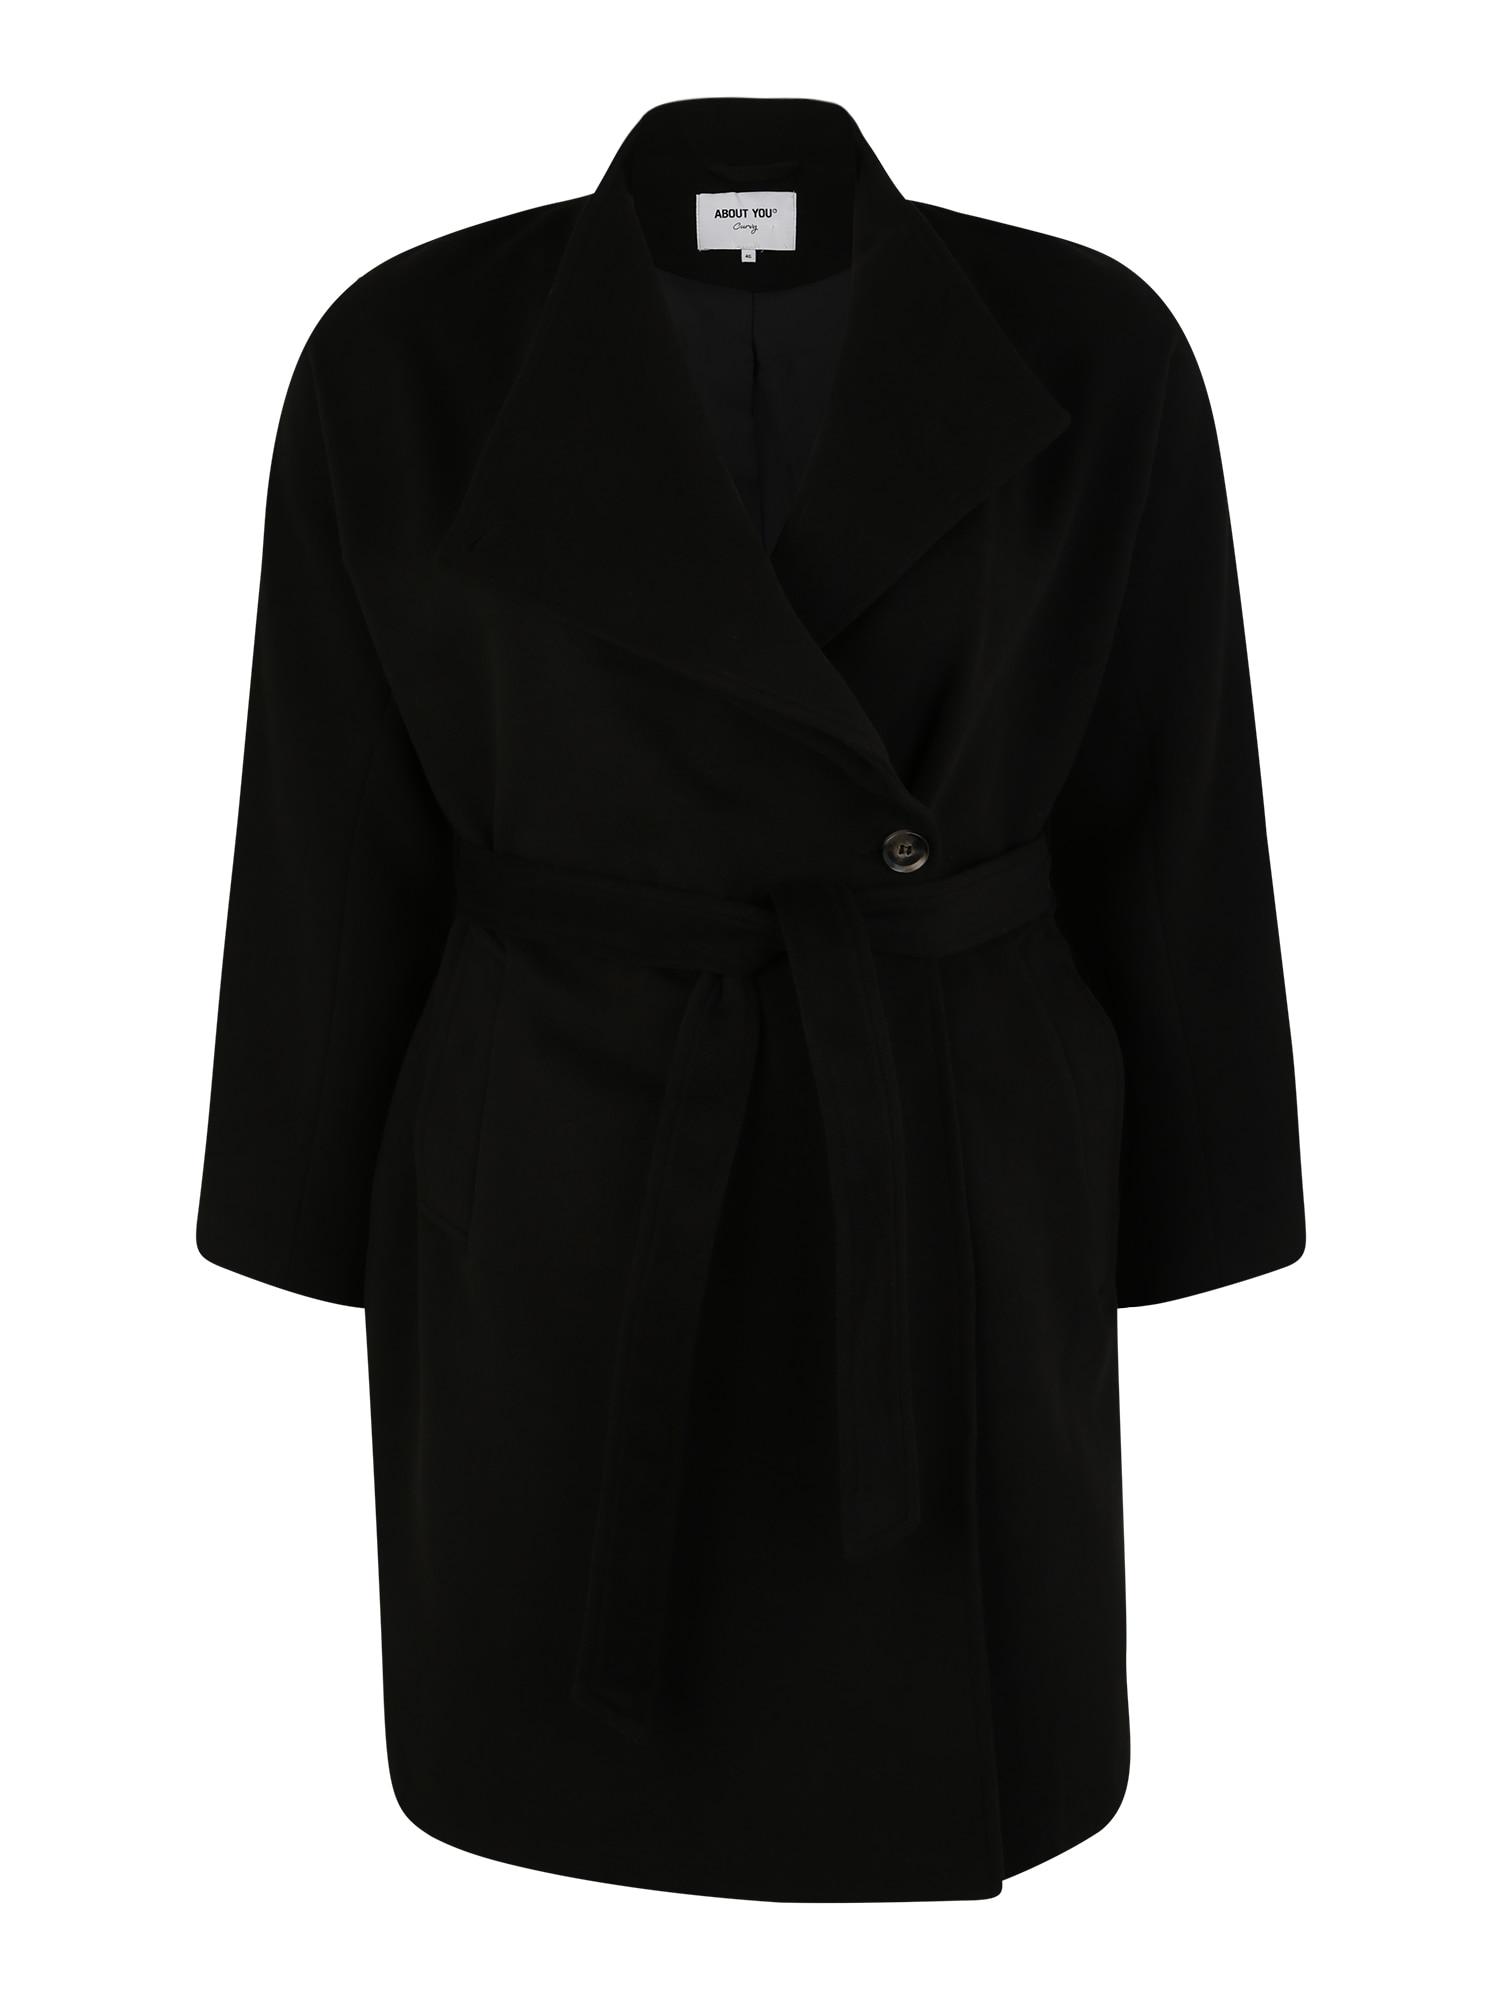 ABOUT YOU Curvy Rudeninis-žieminis paltas 'Charis Coat' juoda